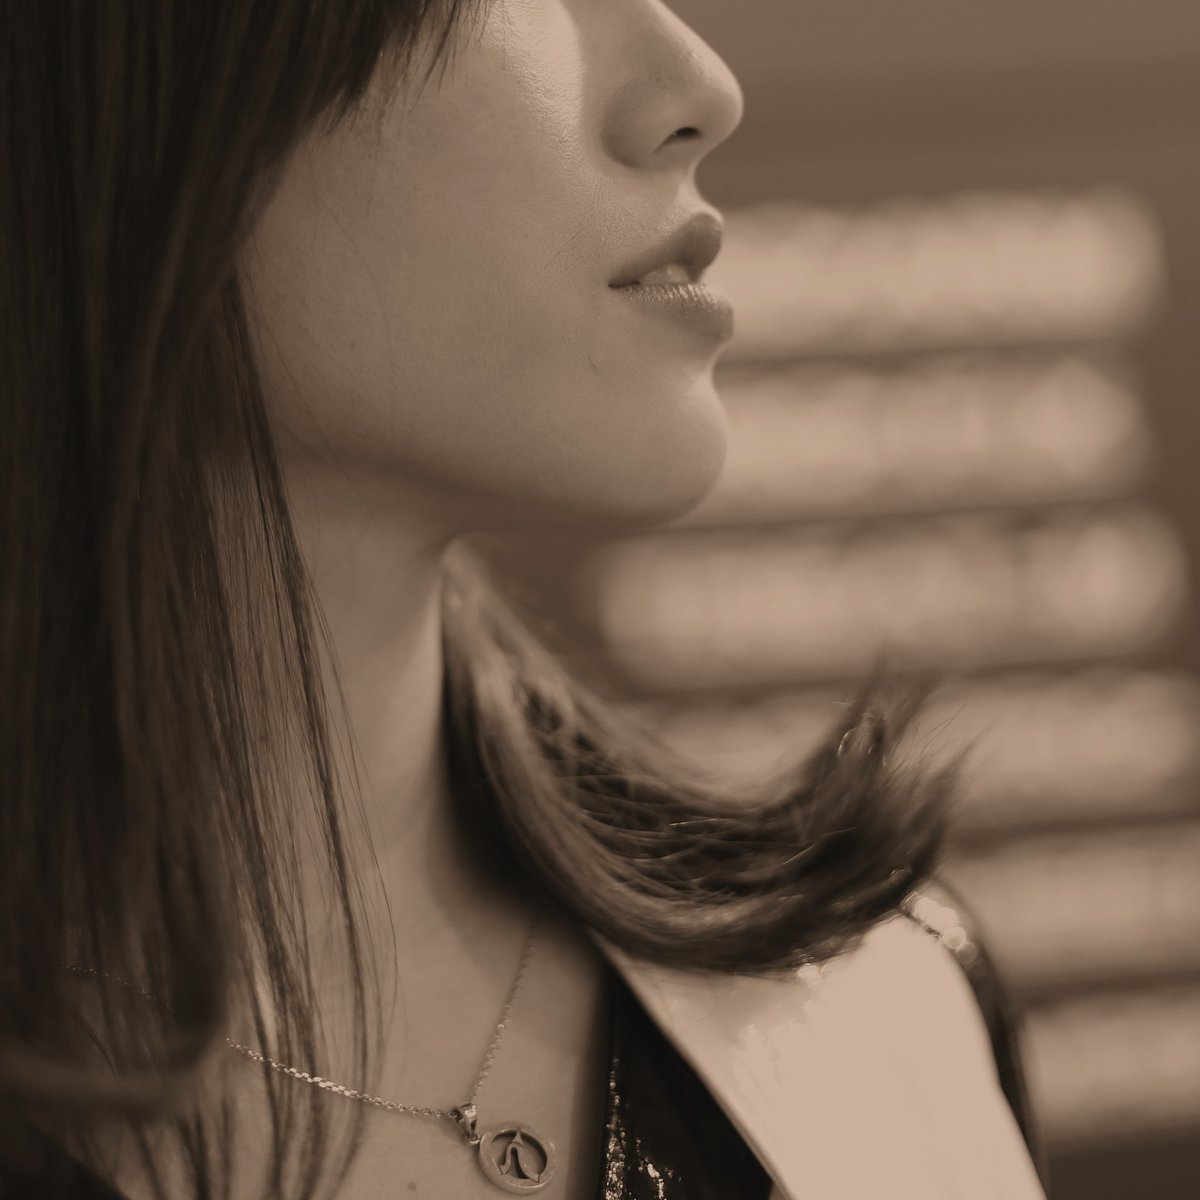 純粋だけど芯がハッキリ出てる綺麗な女性です#星野奏#ほっしー#tdemand#autosalon#横顔#写真好きな人と繋